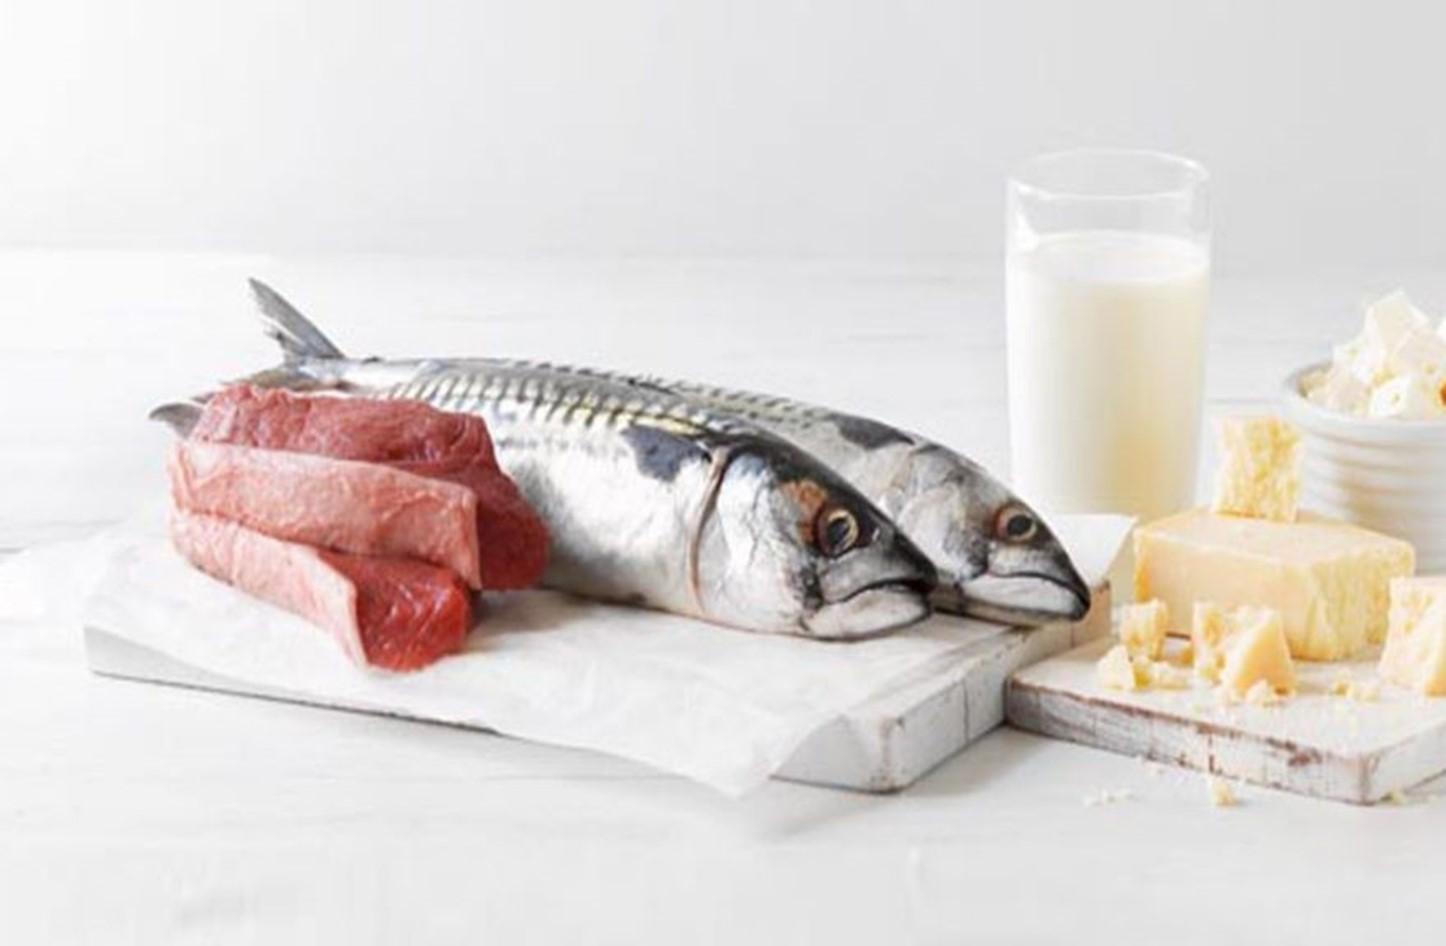 الطبّ يُفنّد كذبة شائعة: الجمع بين السّمك والحليب لا يُسبّب البرص